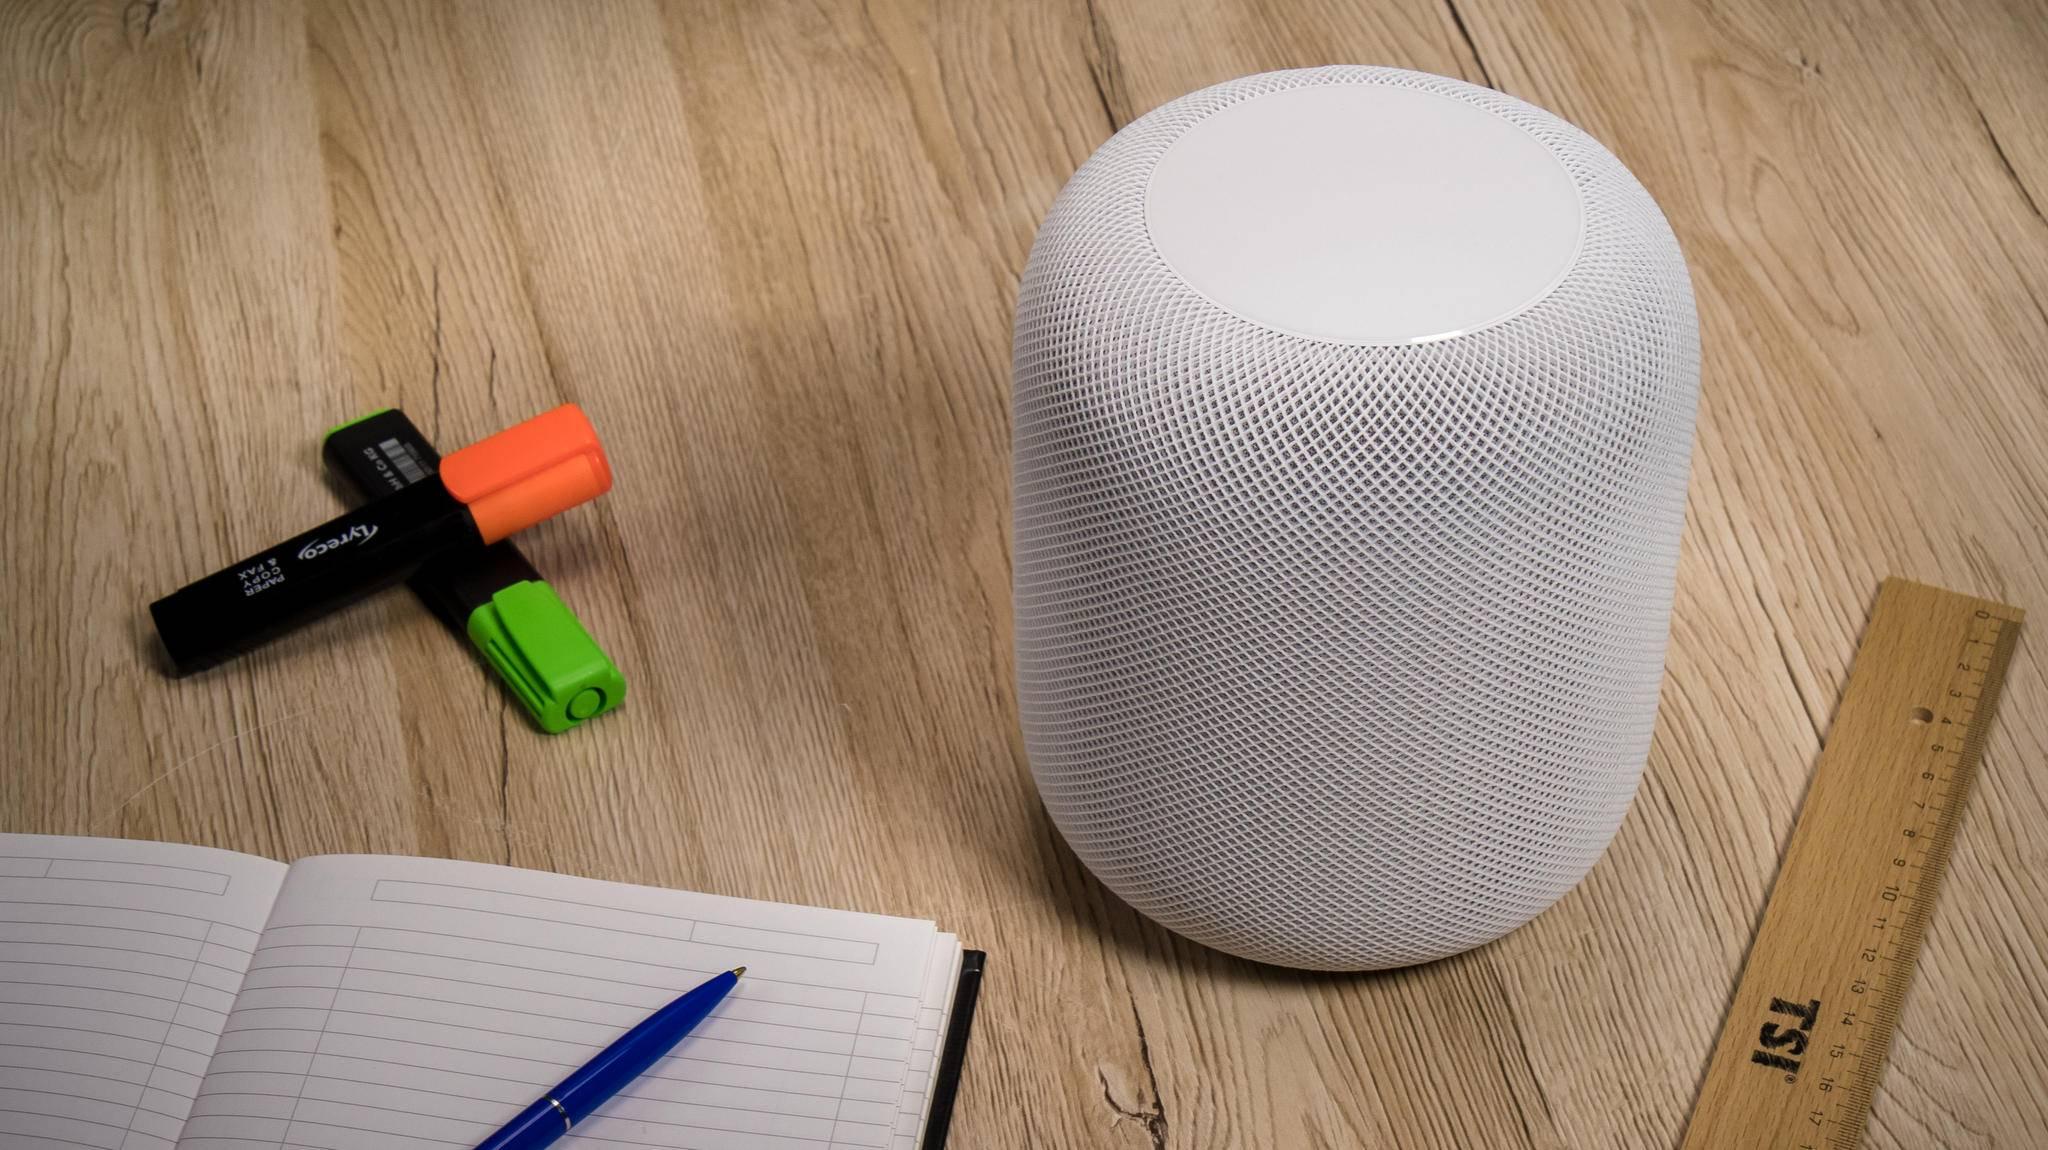 Bekommt der Apple Home Pod eine günstigere Alternative zur Seite gestellt